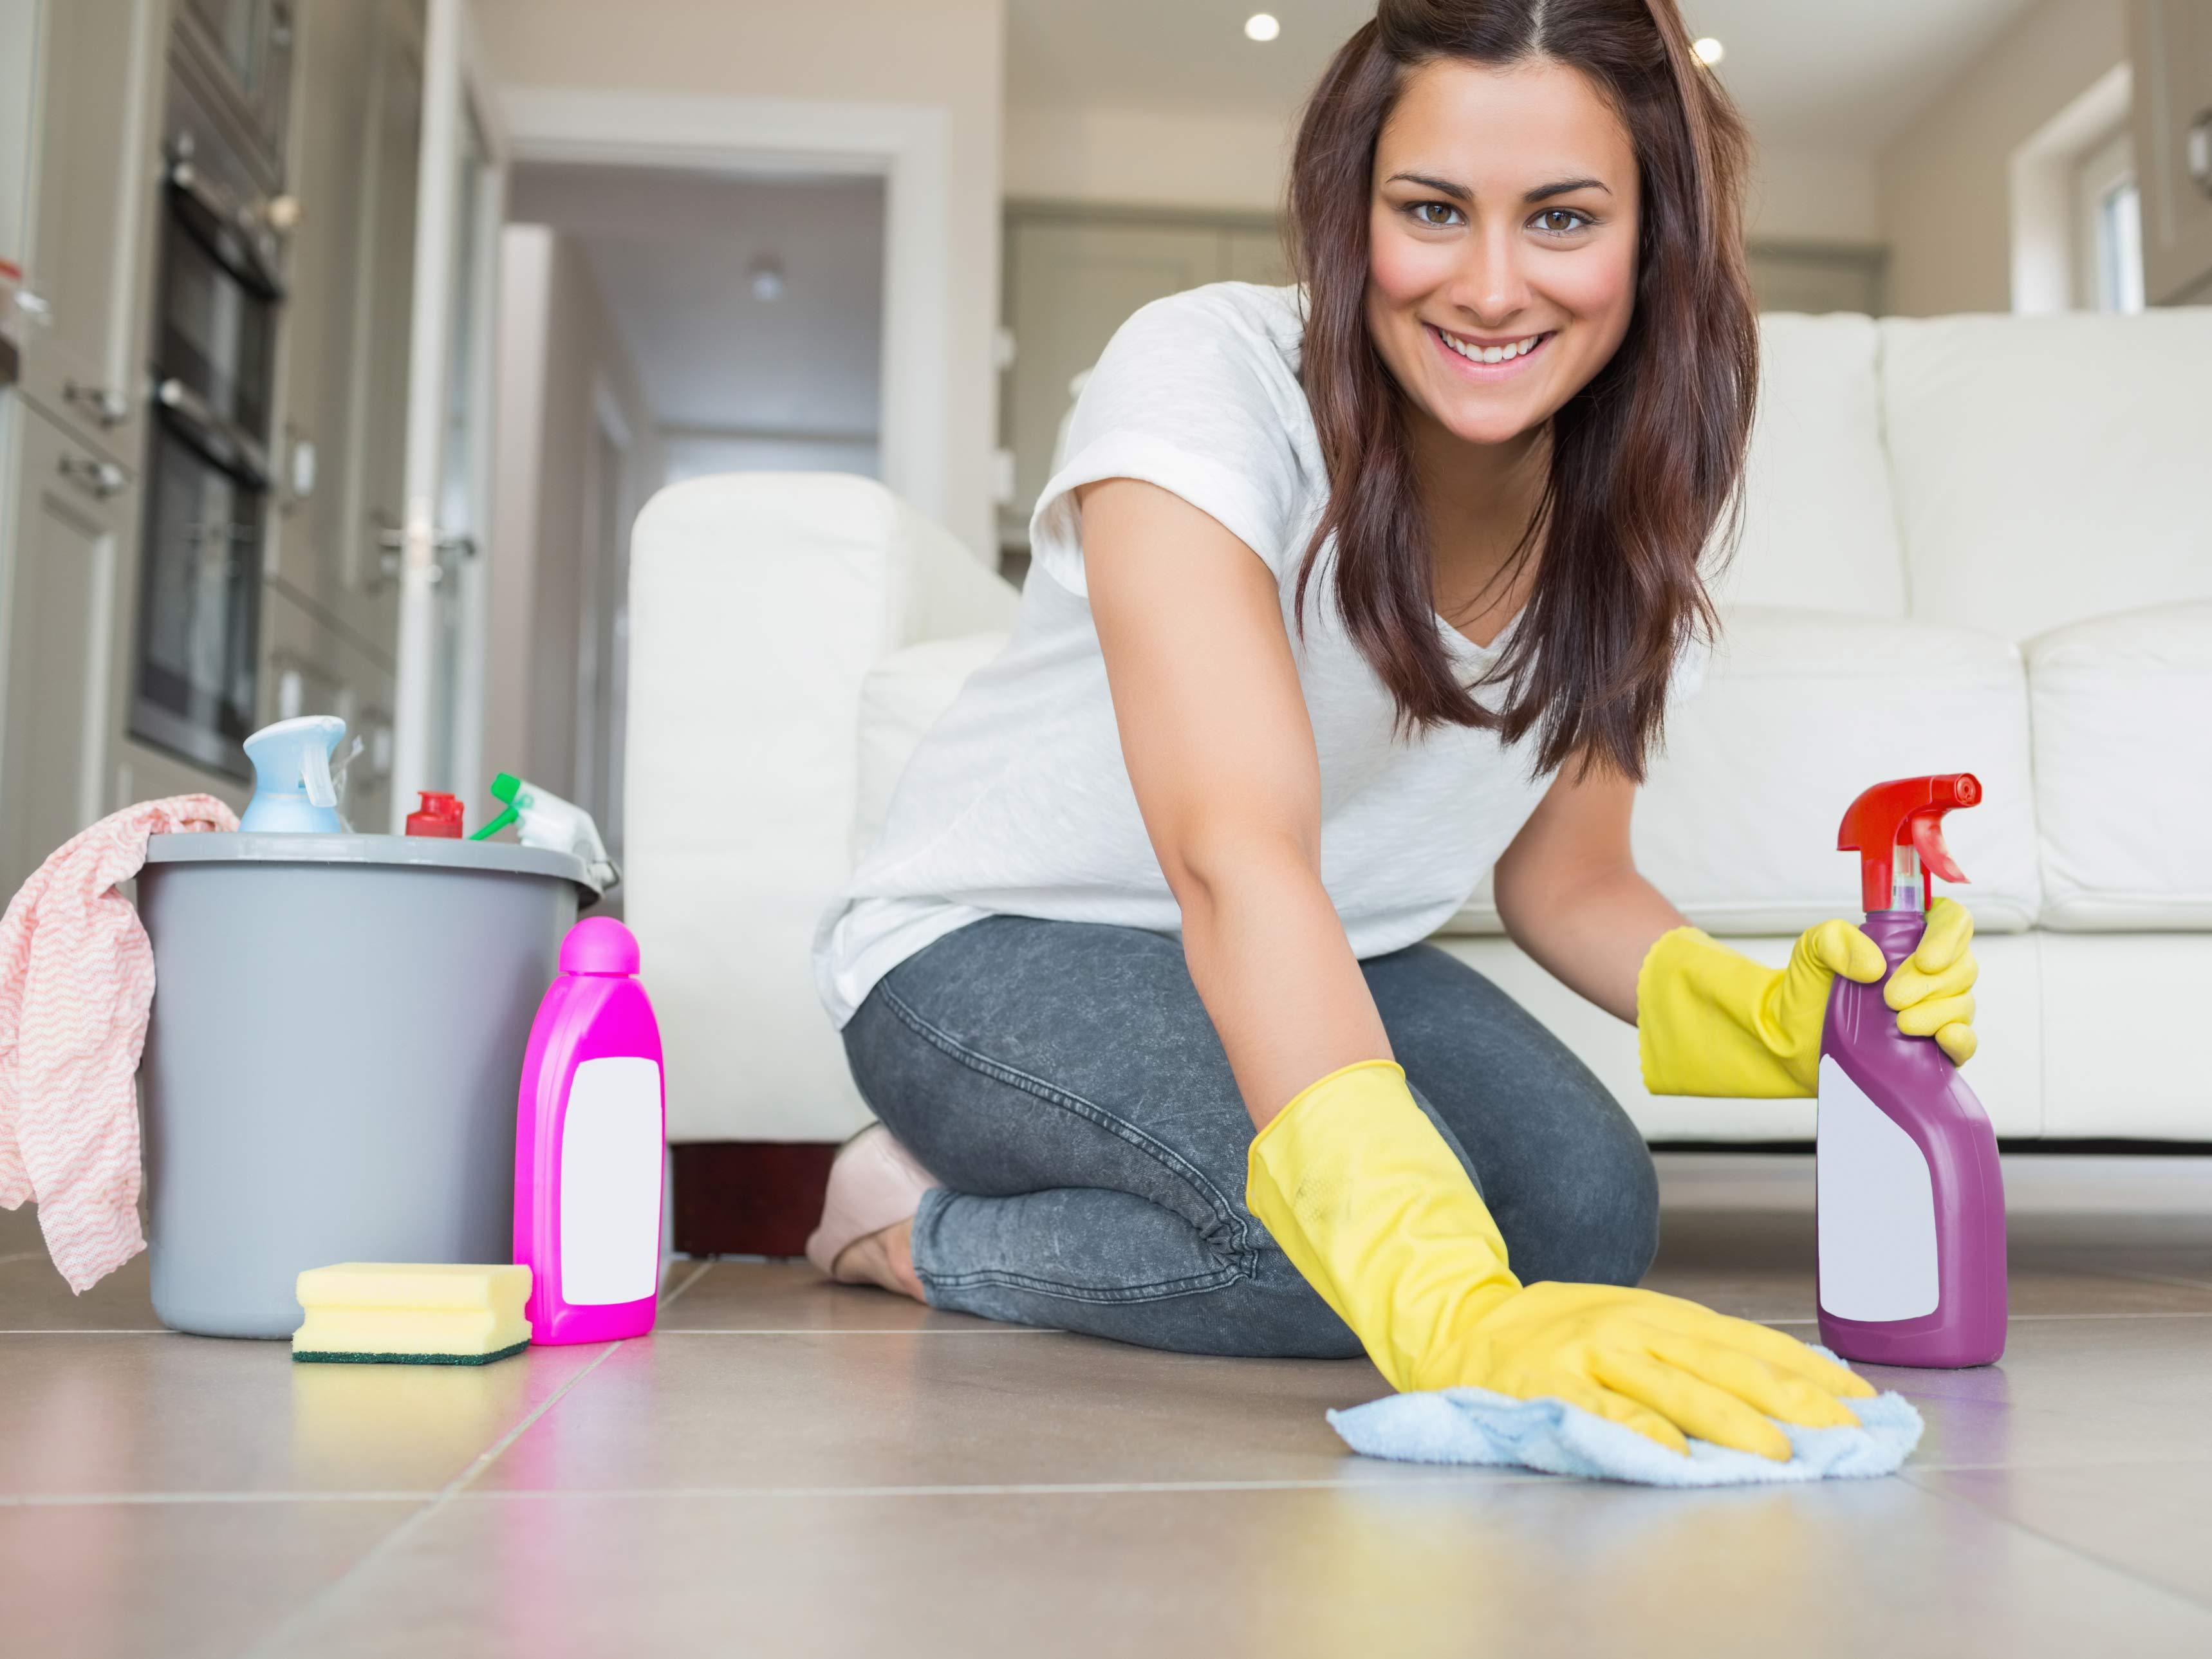 Секреты уборки: 5 ошибок, которые не обеспечивают порядок